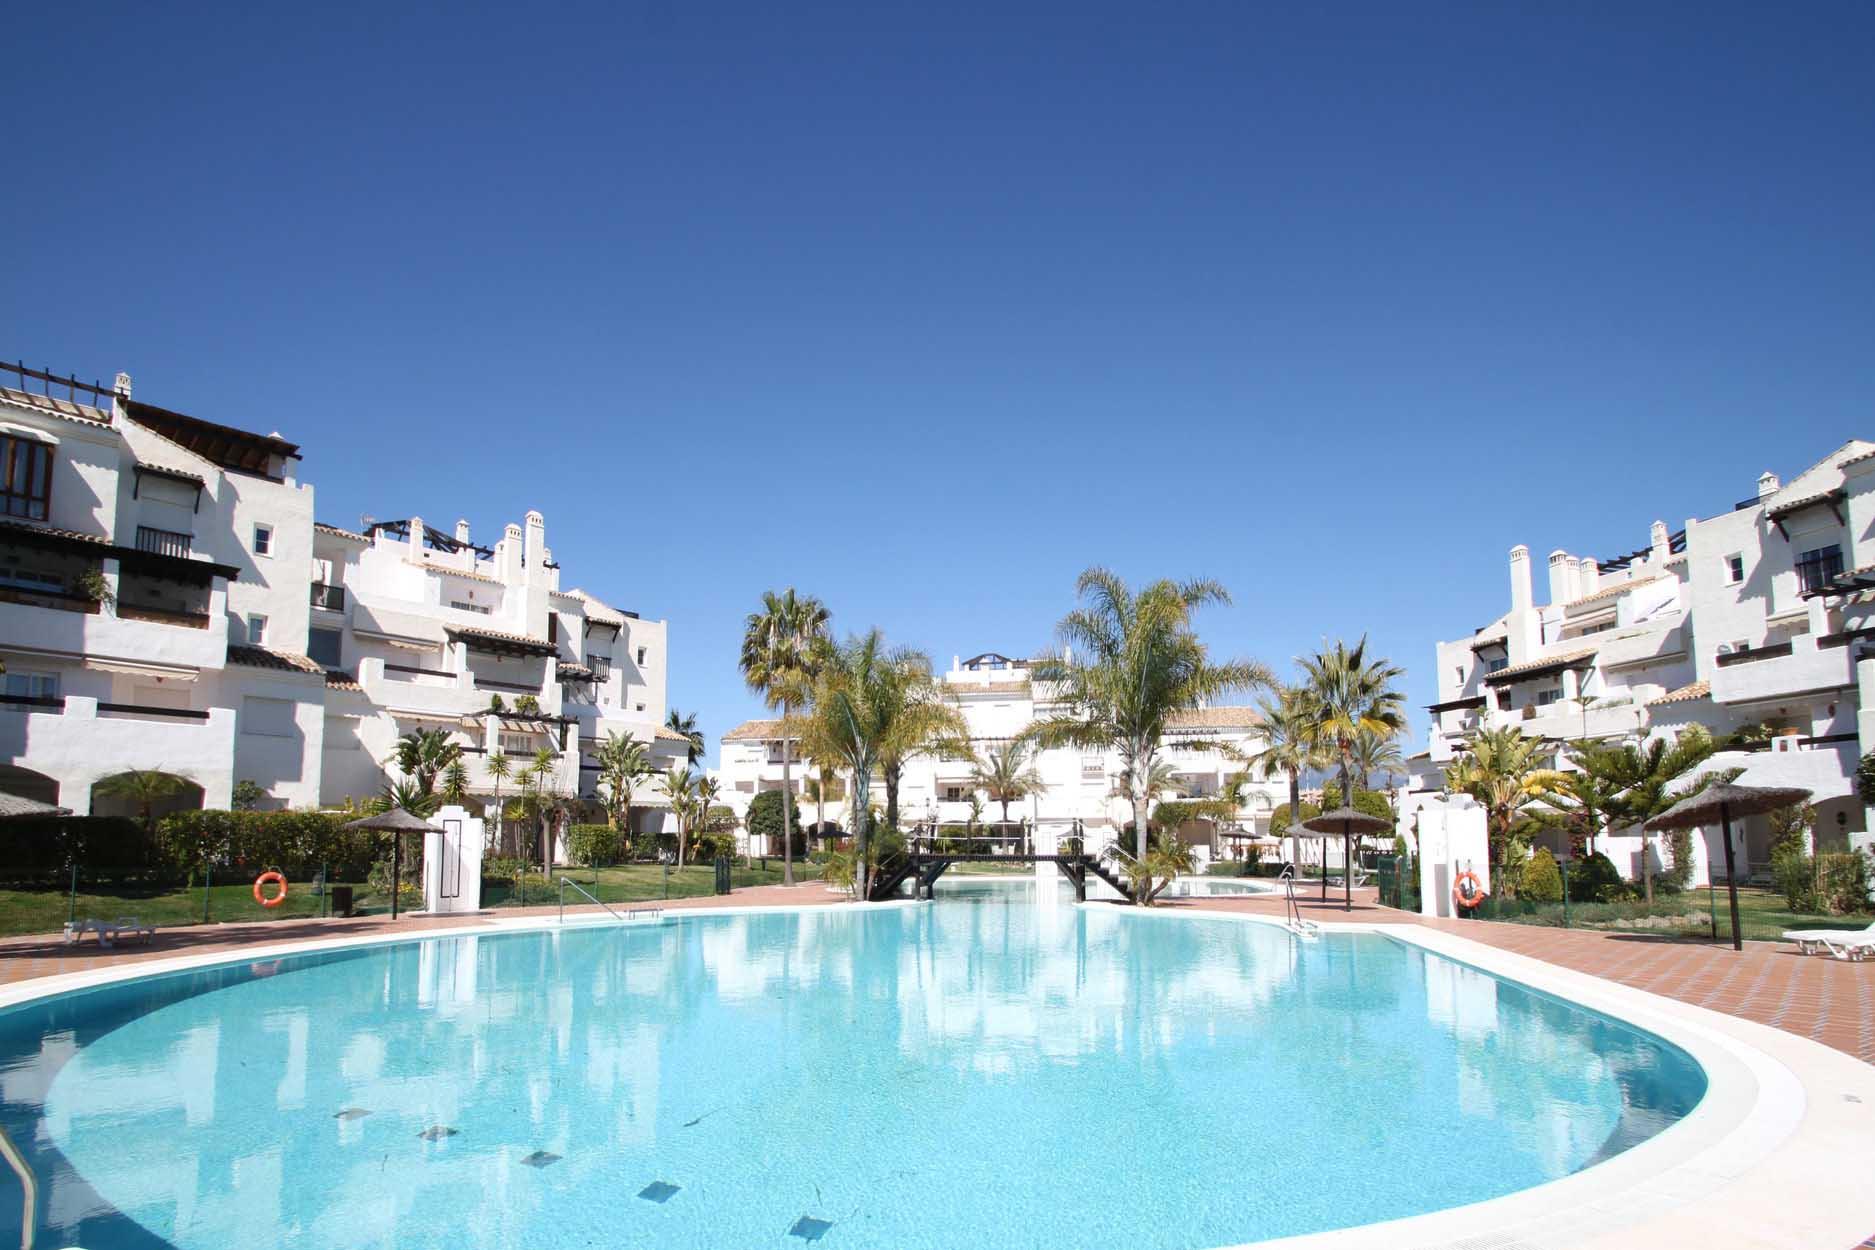 آپارتمان 4 خوابه در Las Adelfas, San Pedro Playa, San Pedro Alcantara